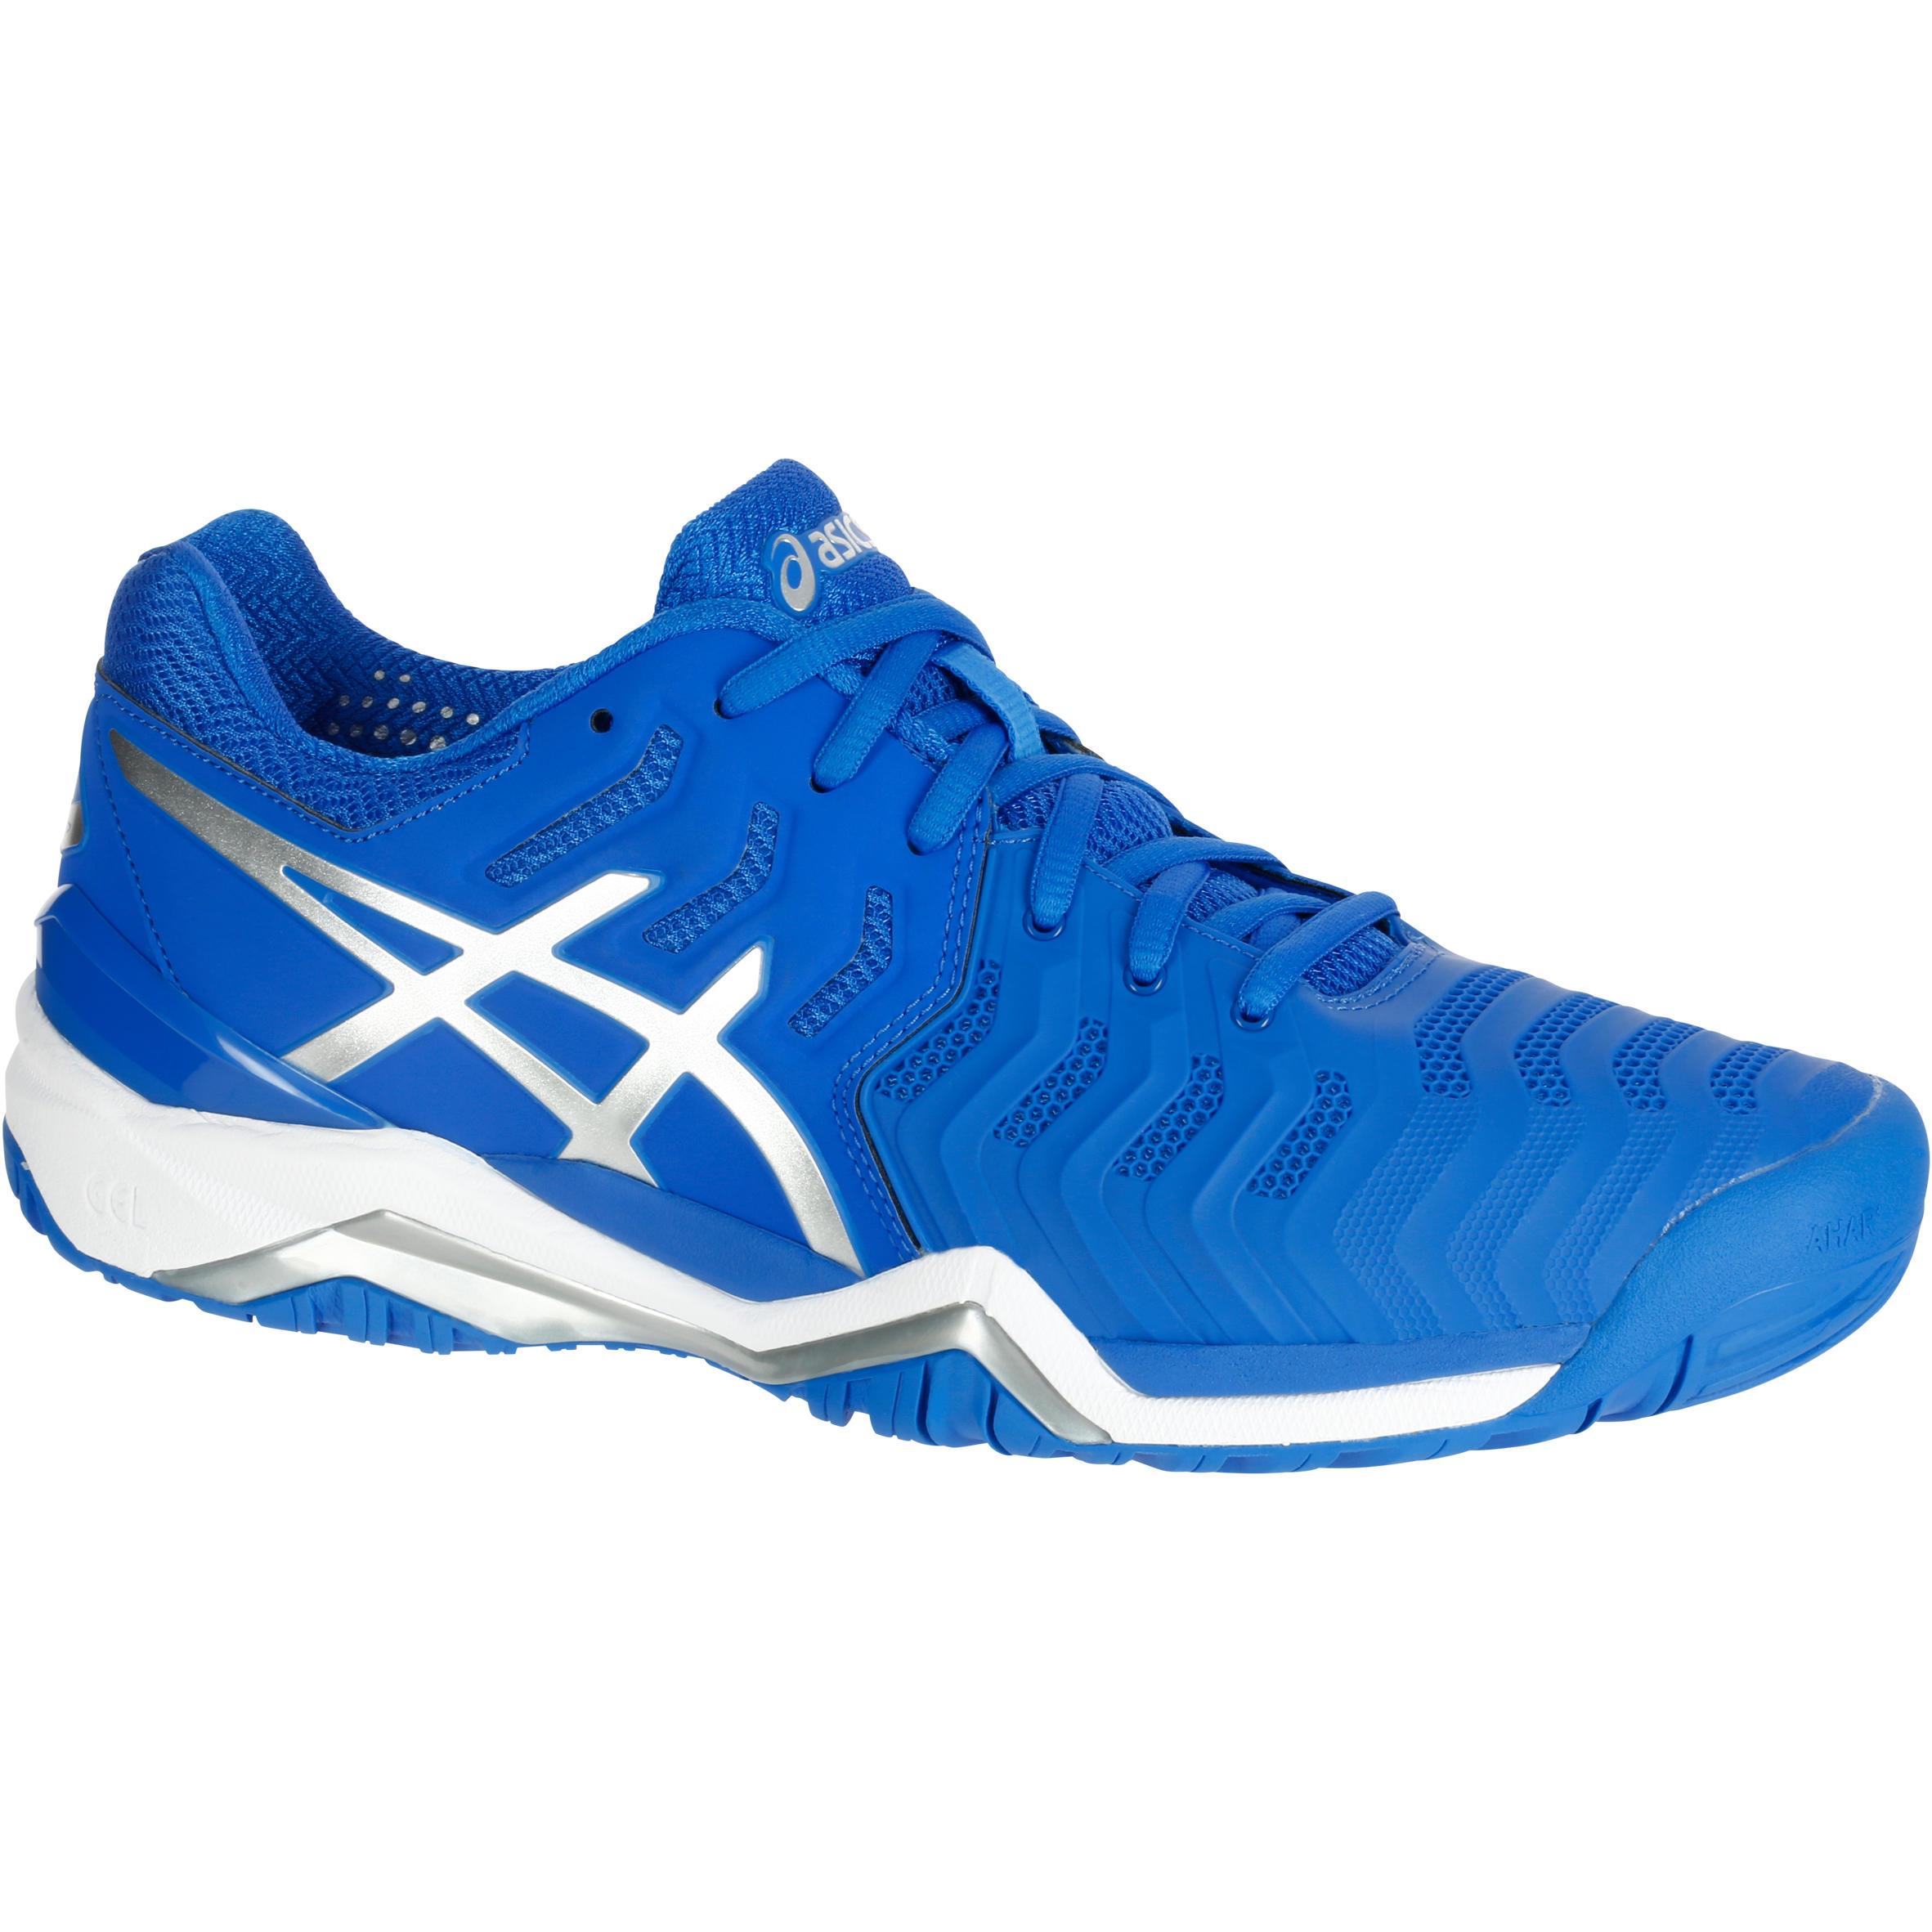 Asics Tennisschoenen voor heren Gel Resolution 7 electric blue